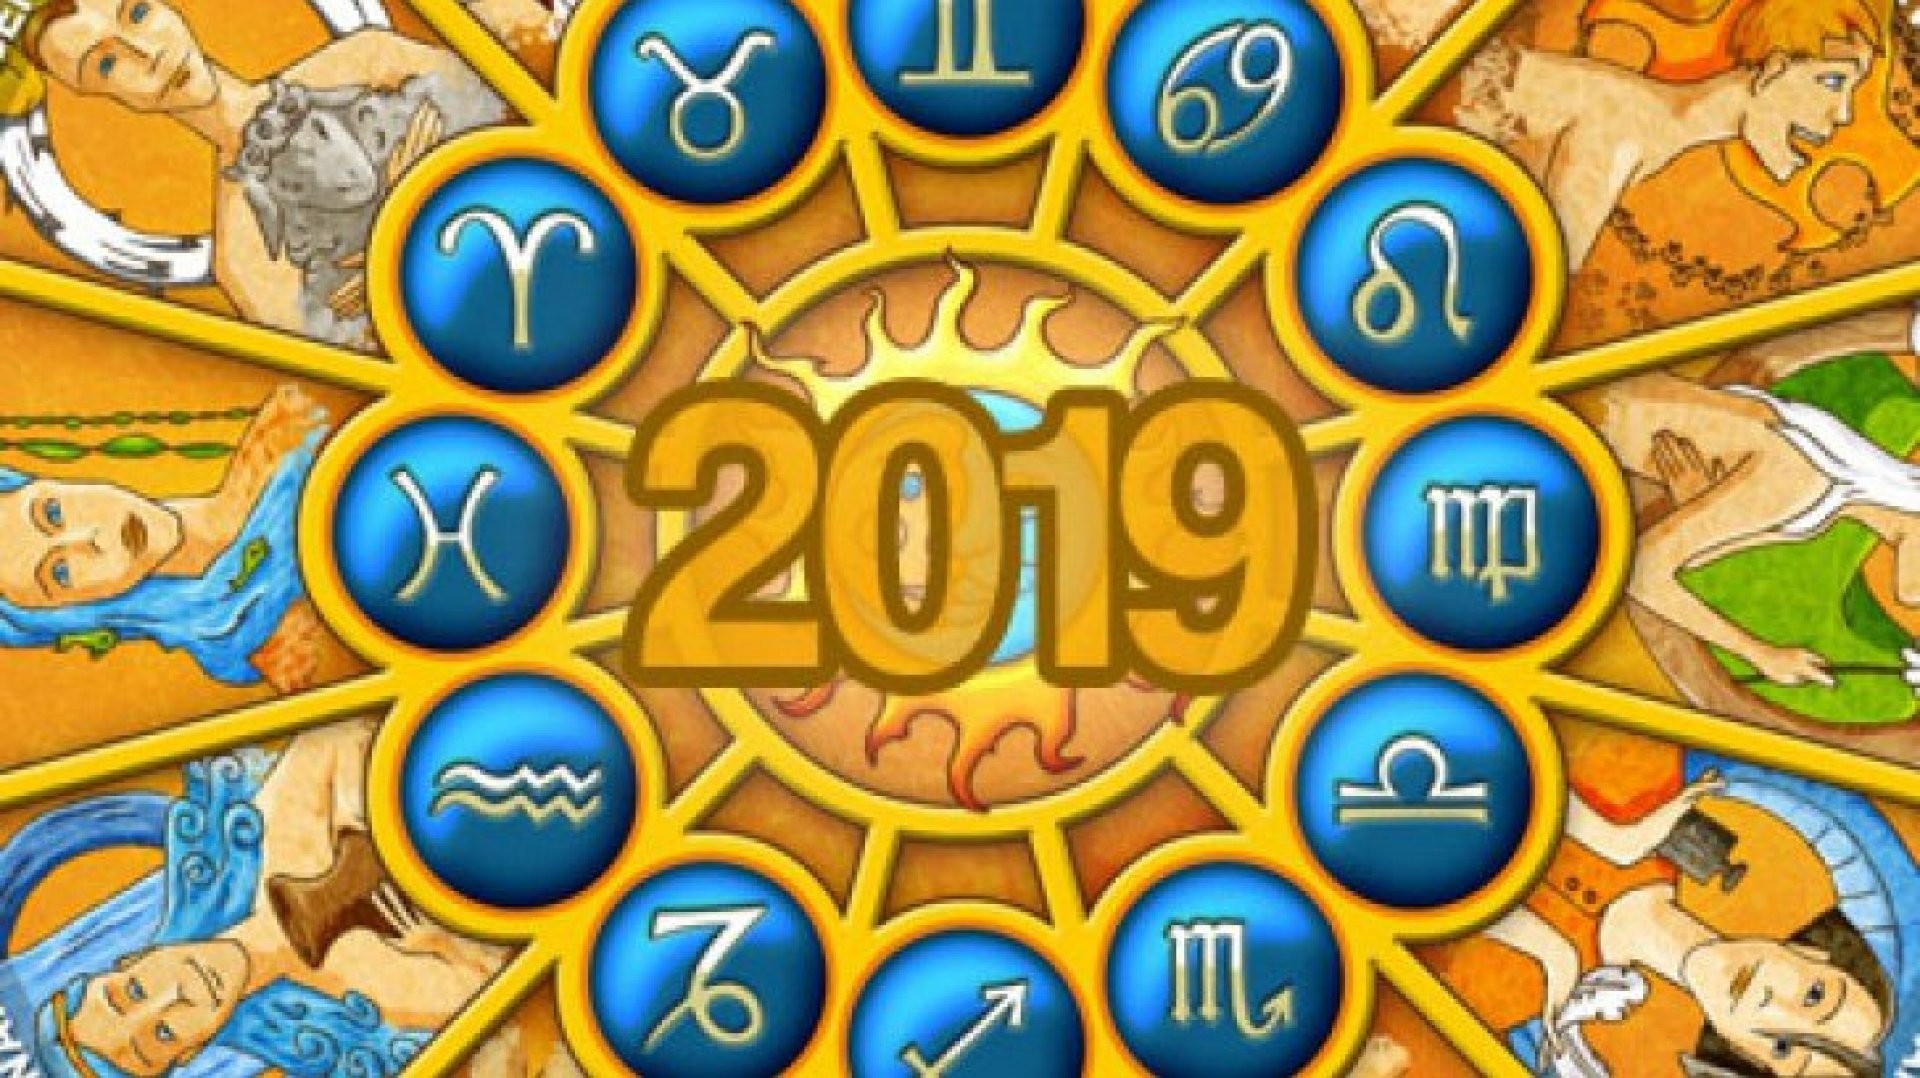 Horoscop 2019: predictii dragoste, sanatate, munca, bani